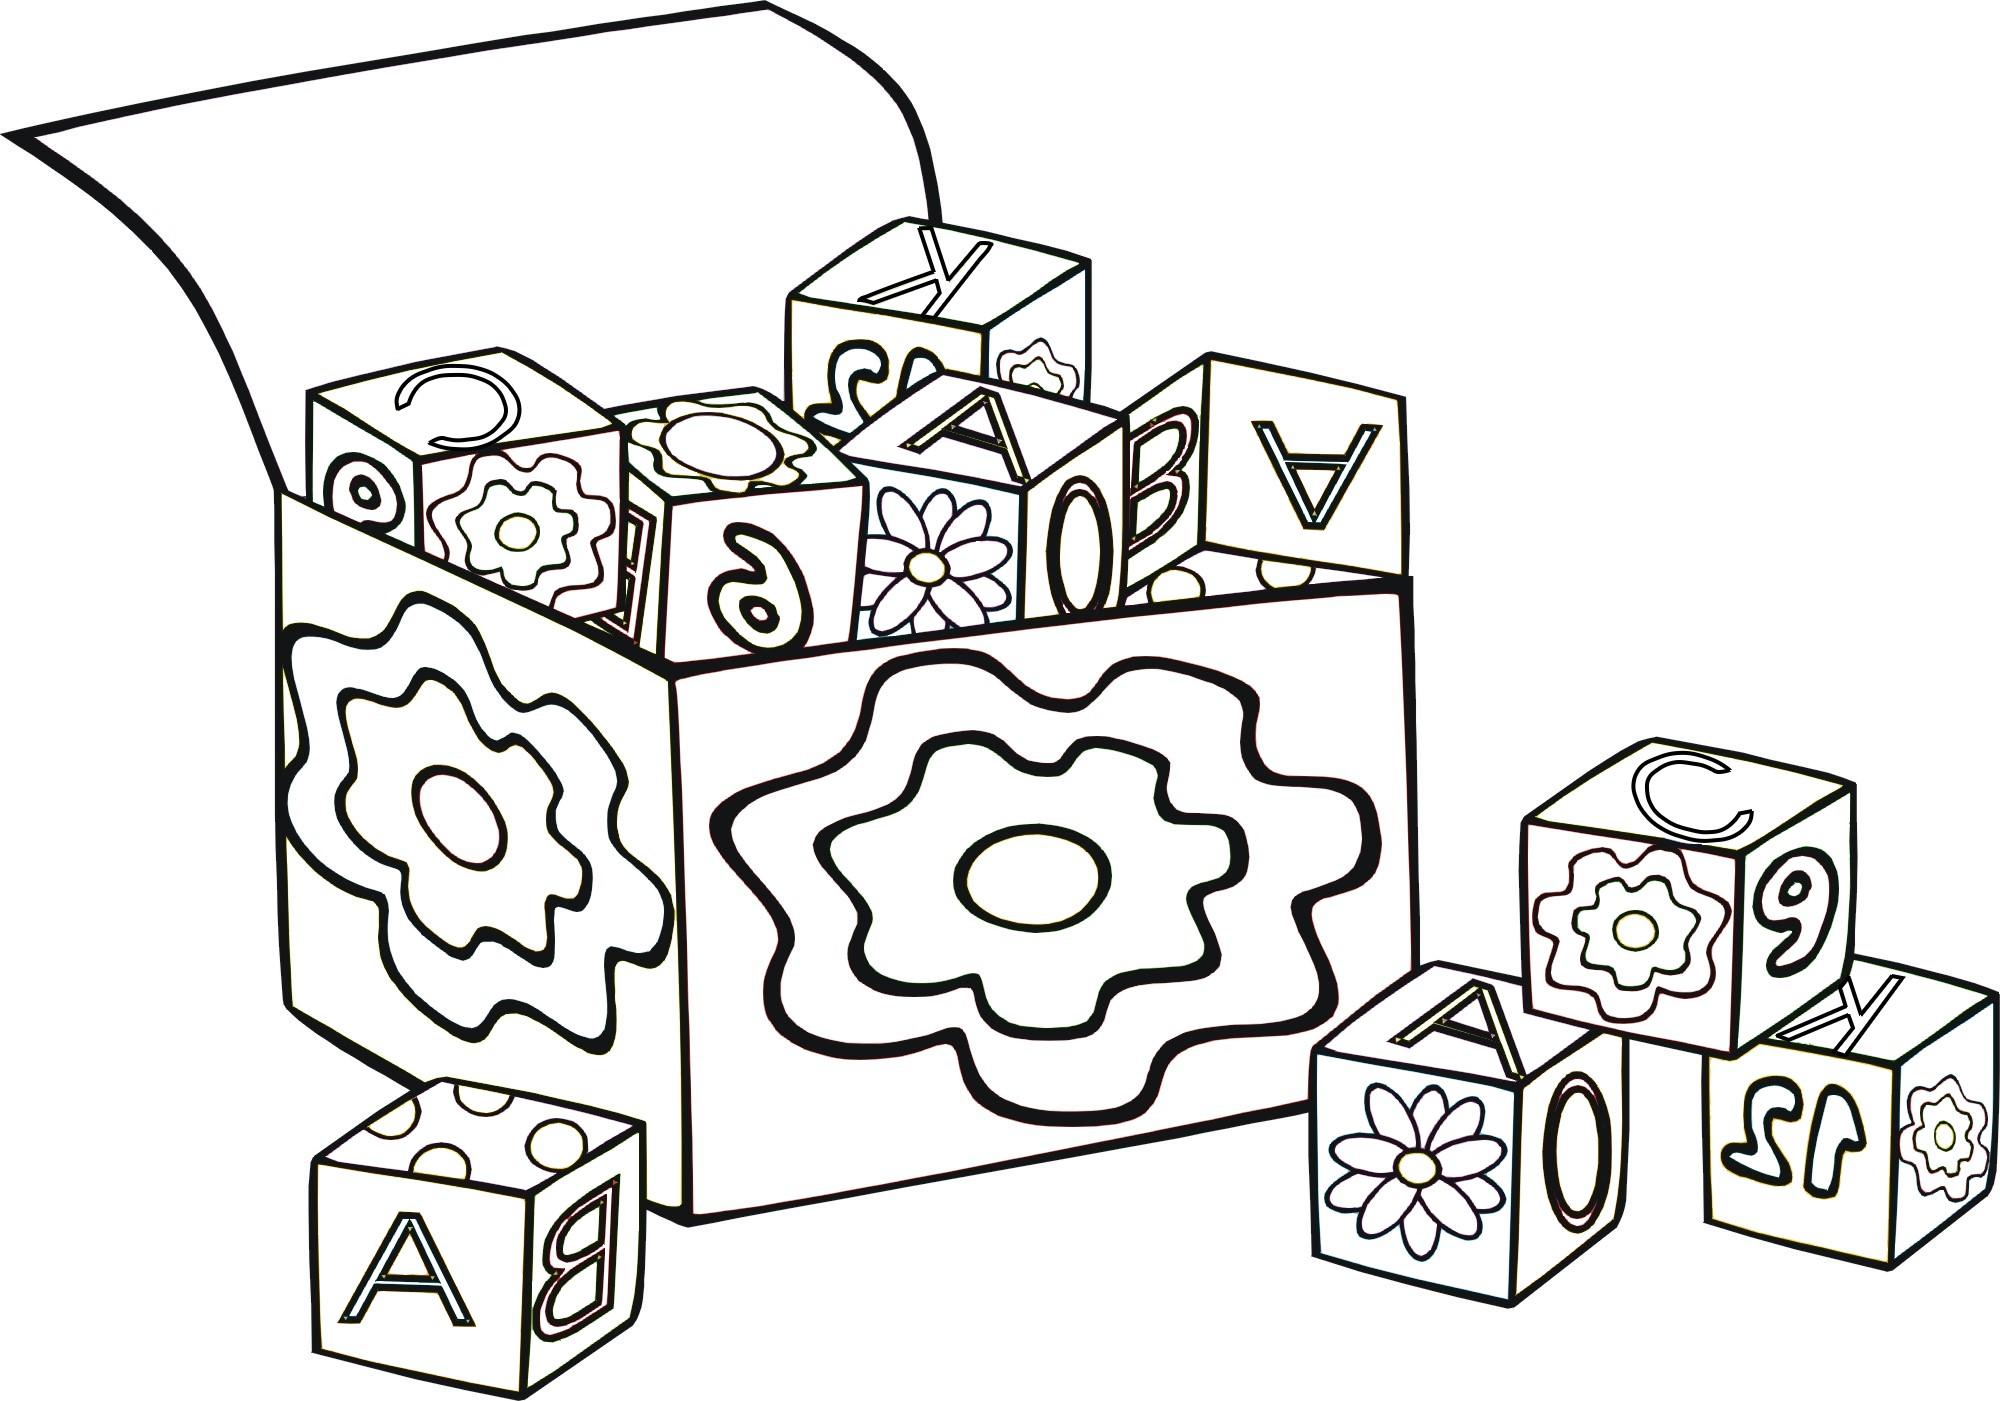 2000x1401 Coloring Blocks